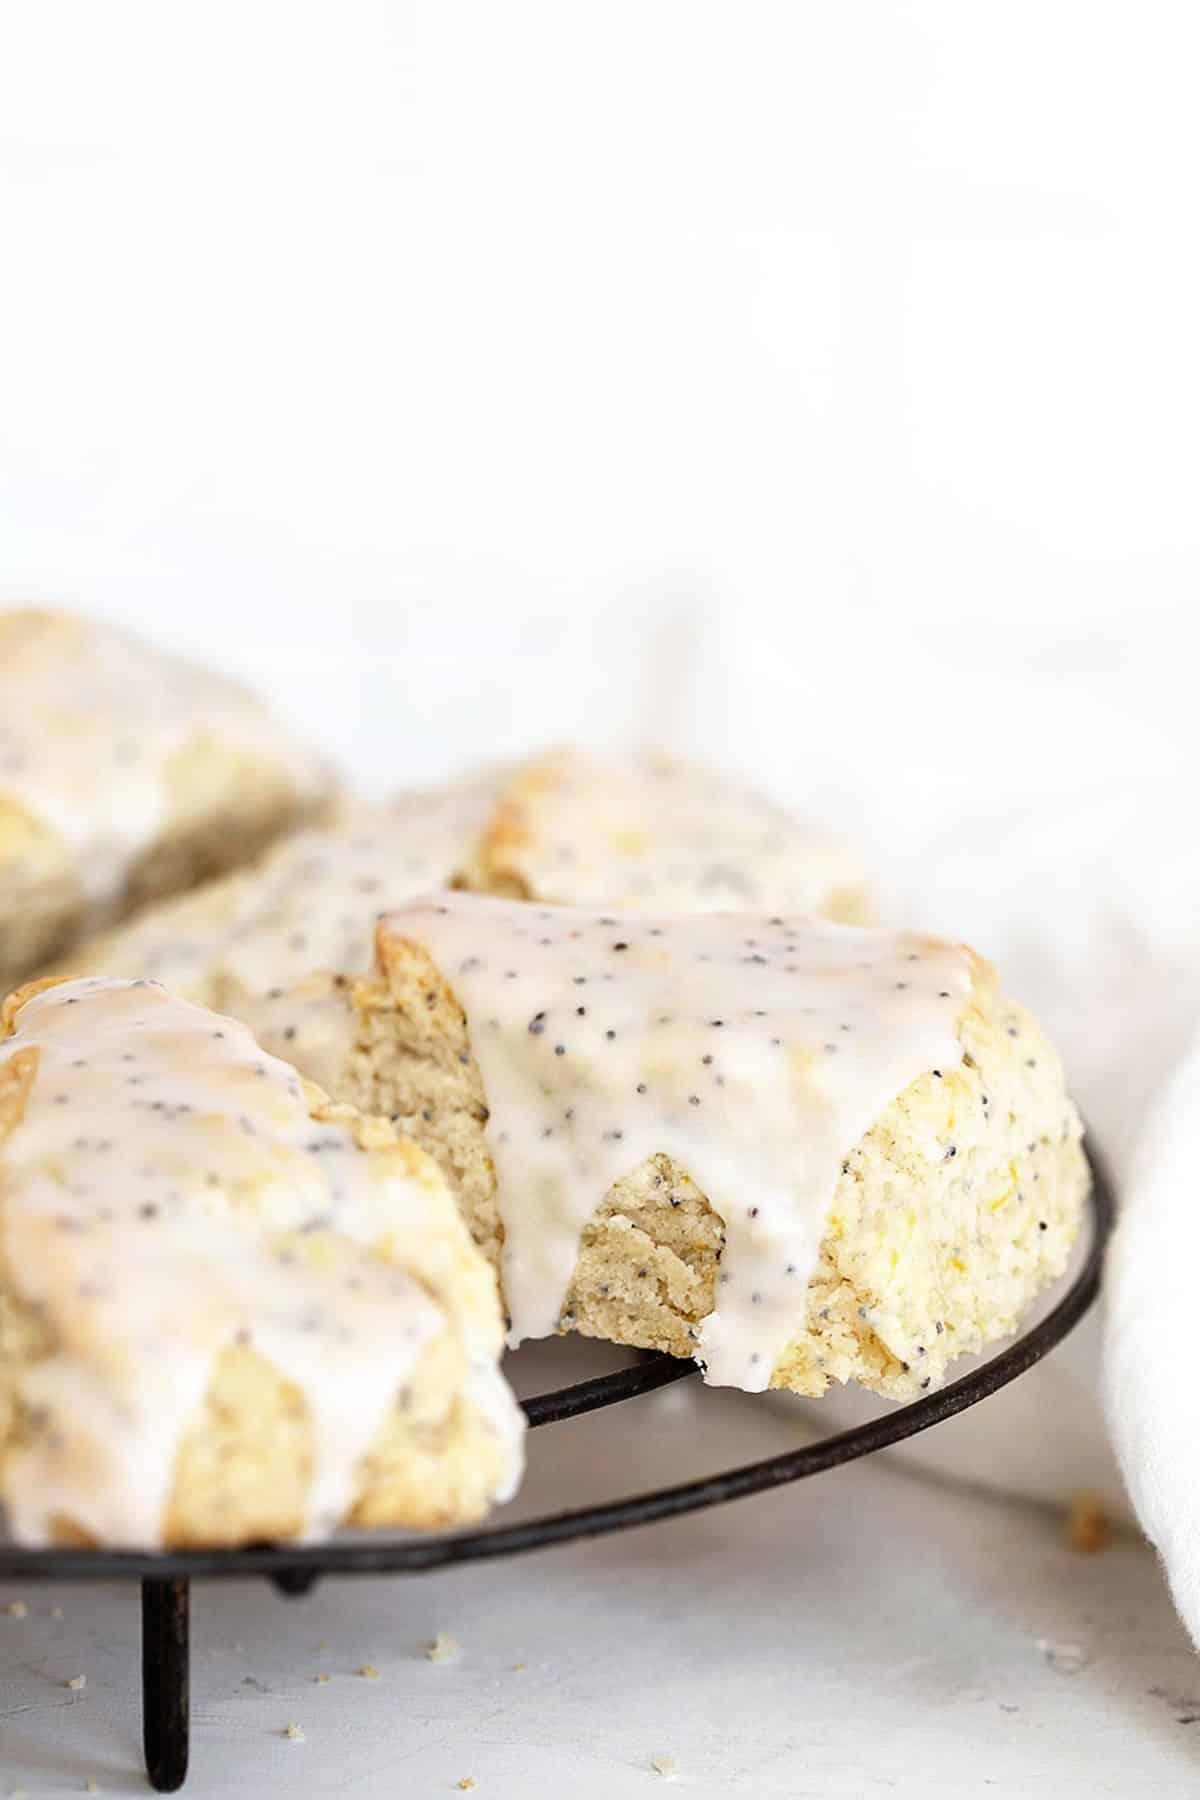 lemon poppy seed scones on cooling rack